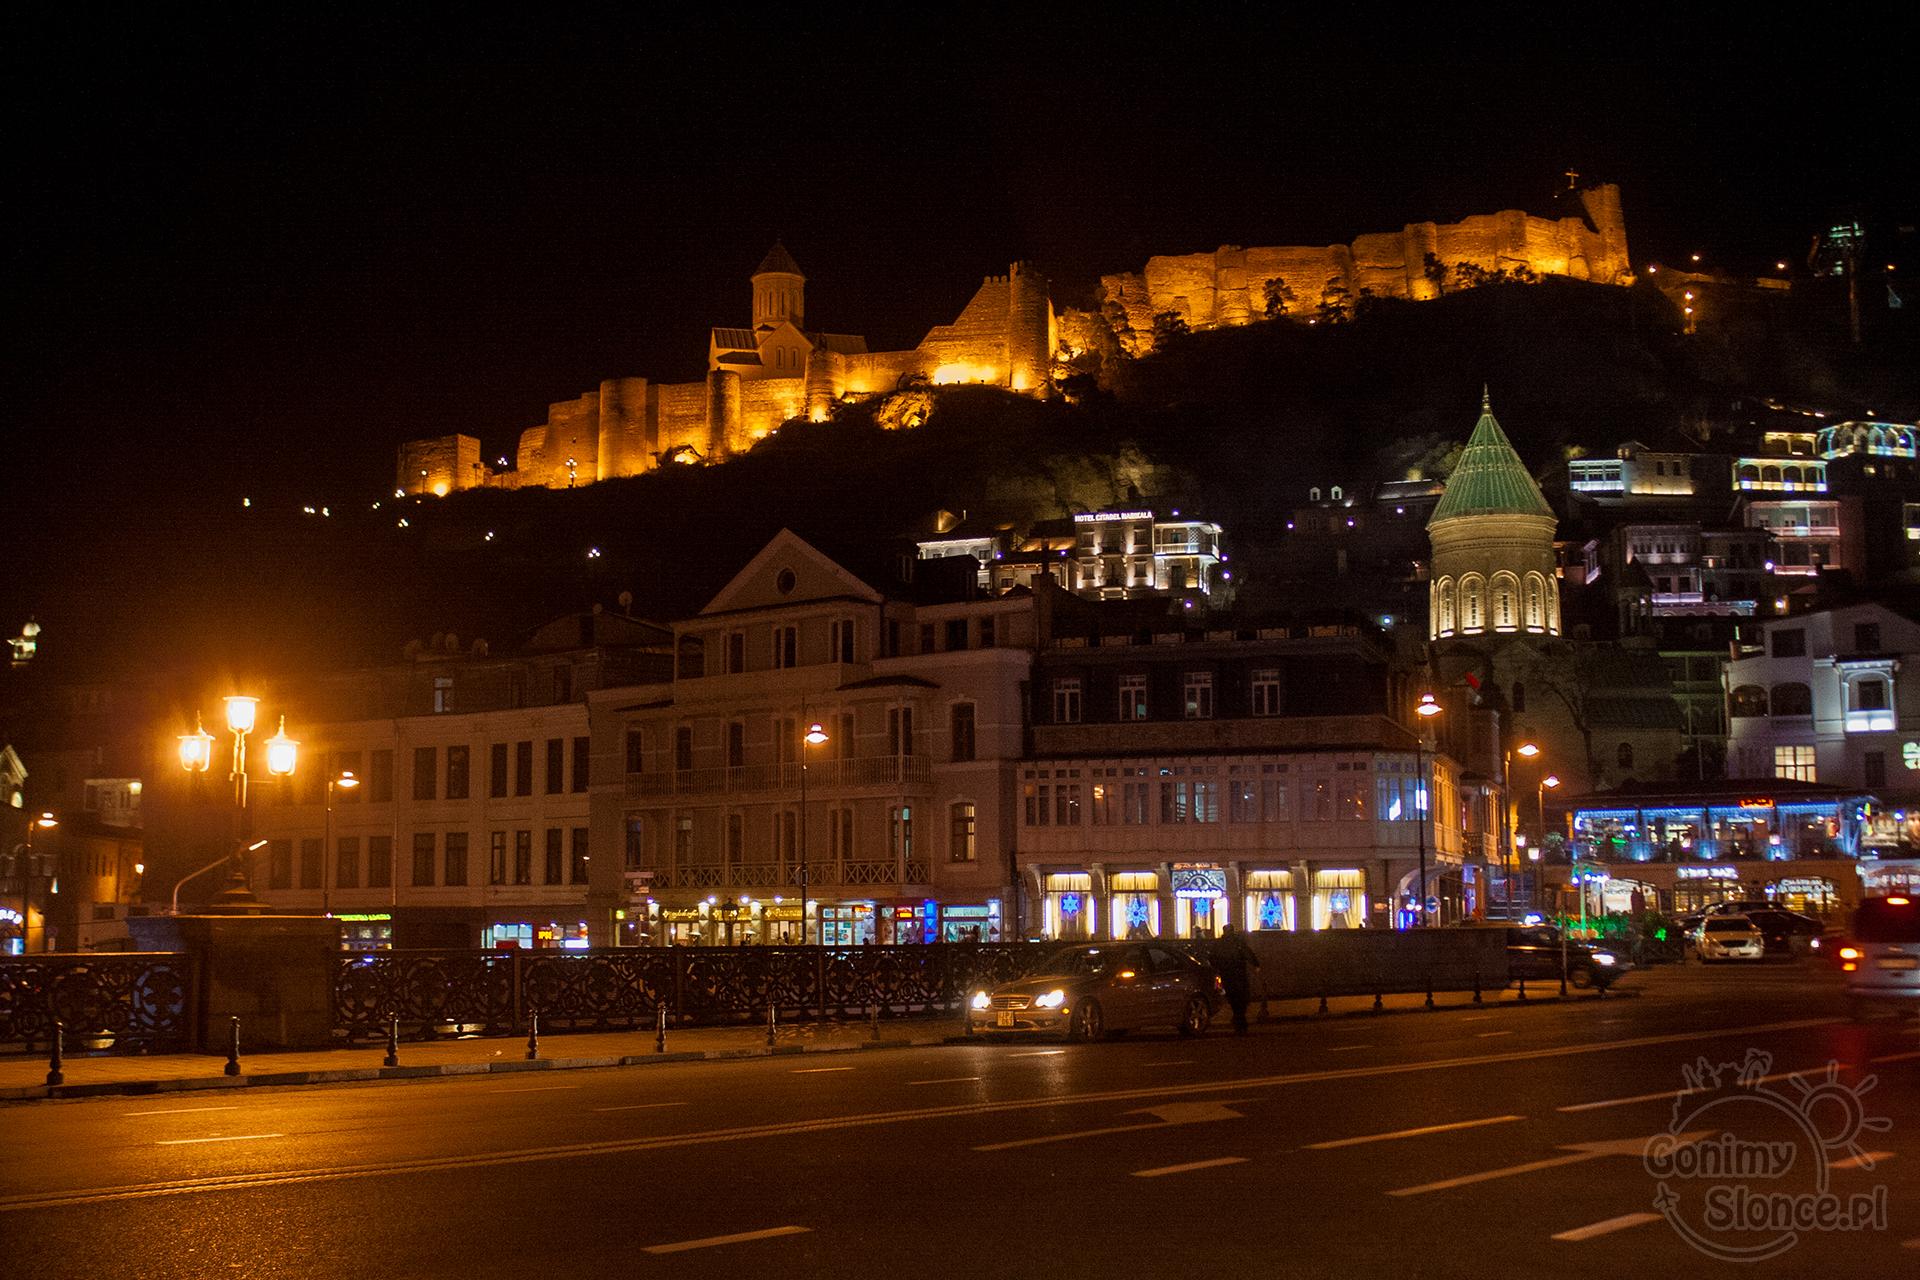 Nocne Tbilisi - Twierdza Narikala i armeńska świątynia